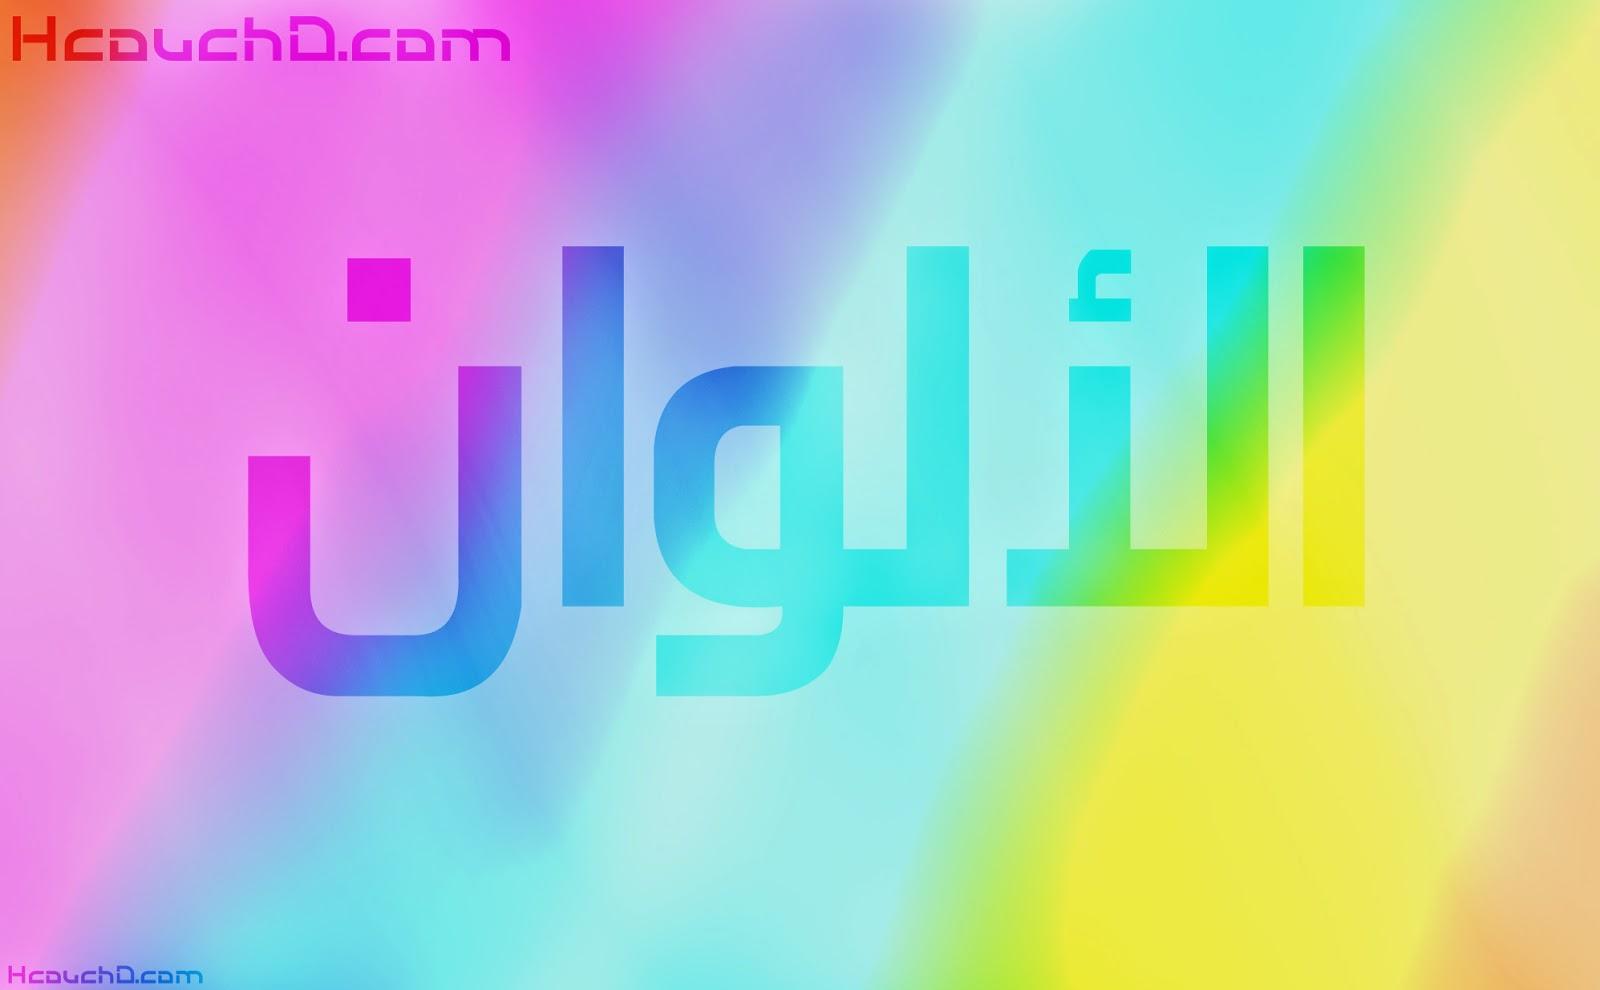 الألوان :